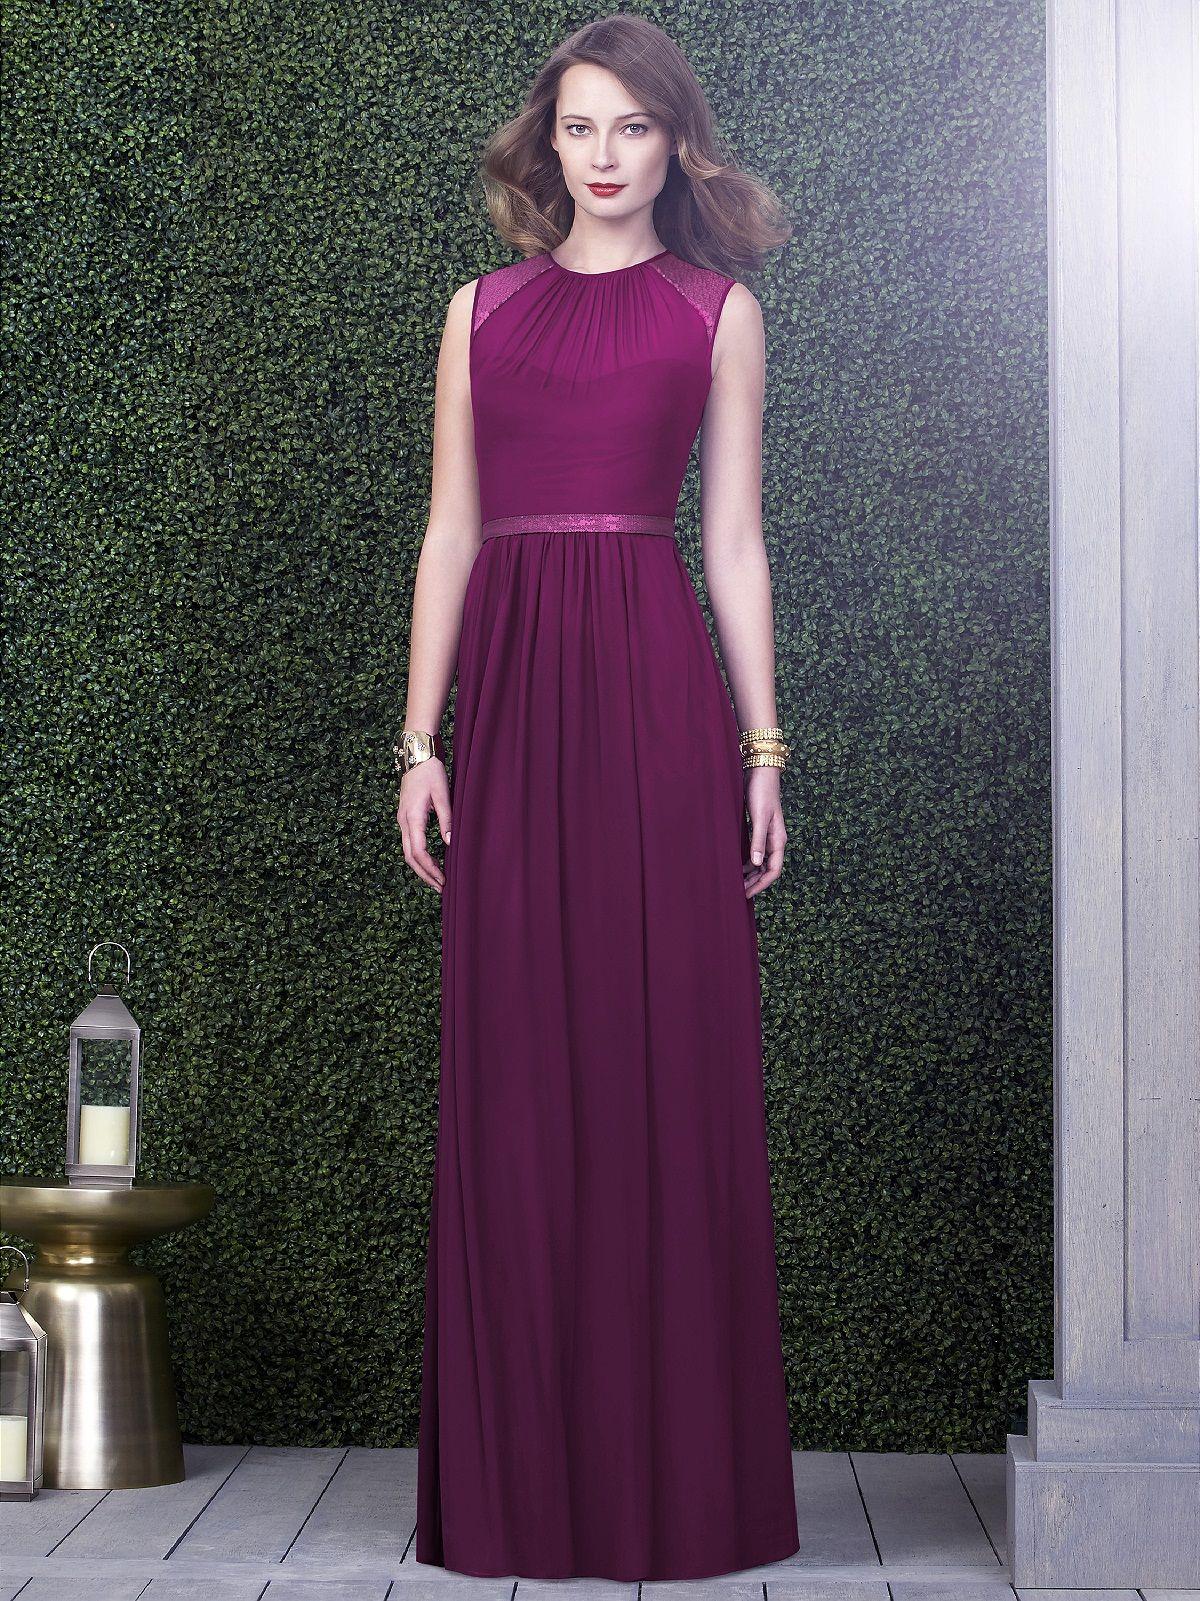 Dorable Sears Trajes De Novia Colección - Vestido de Novia Para Las ...